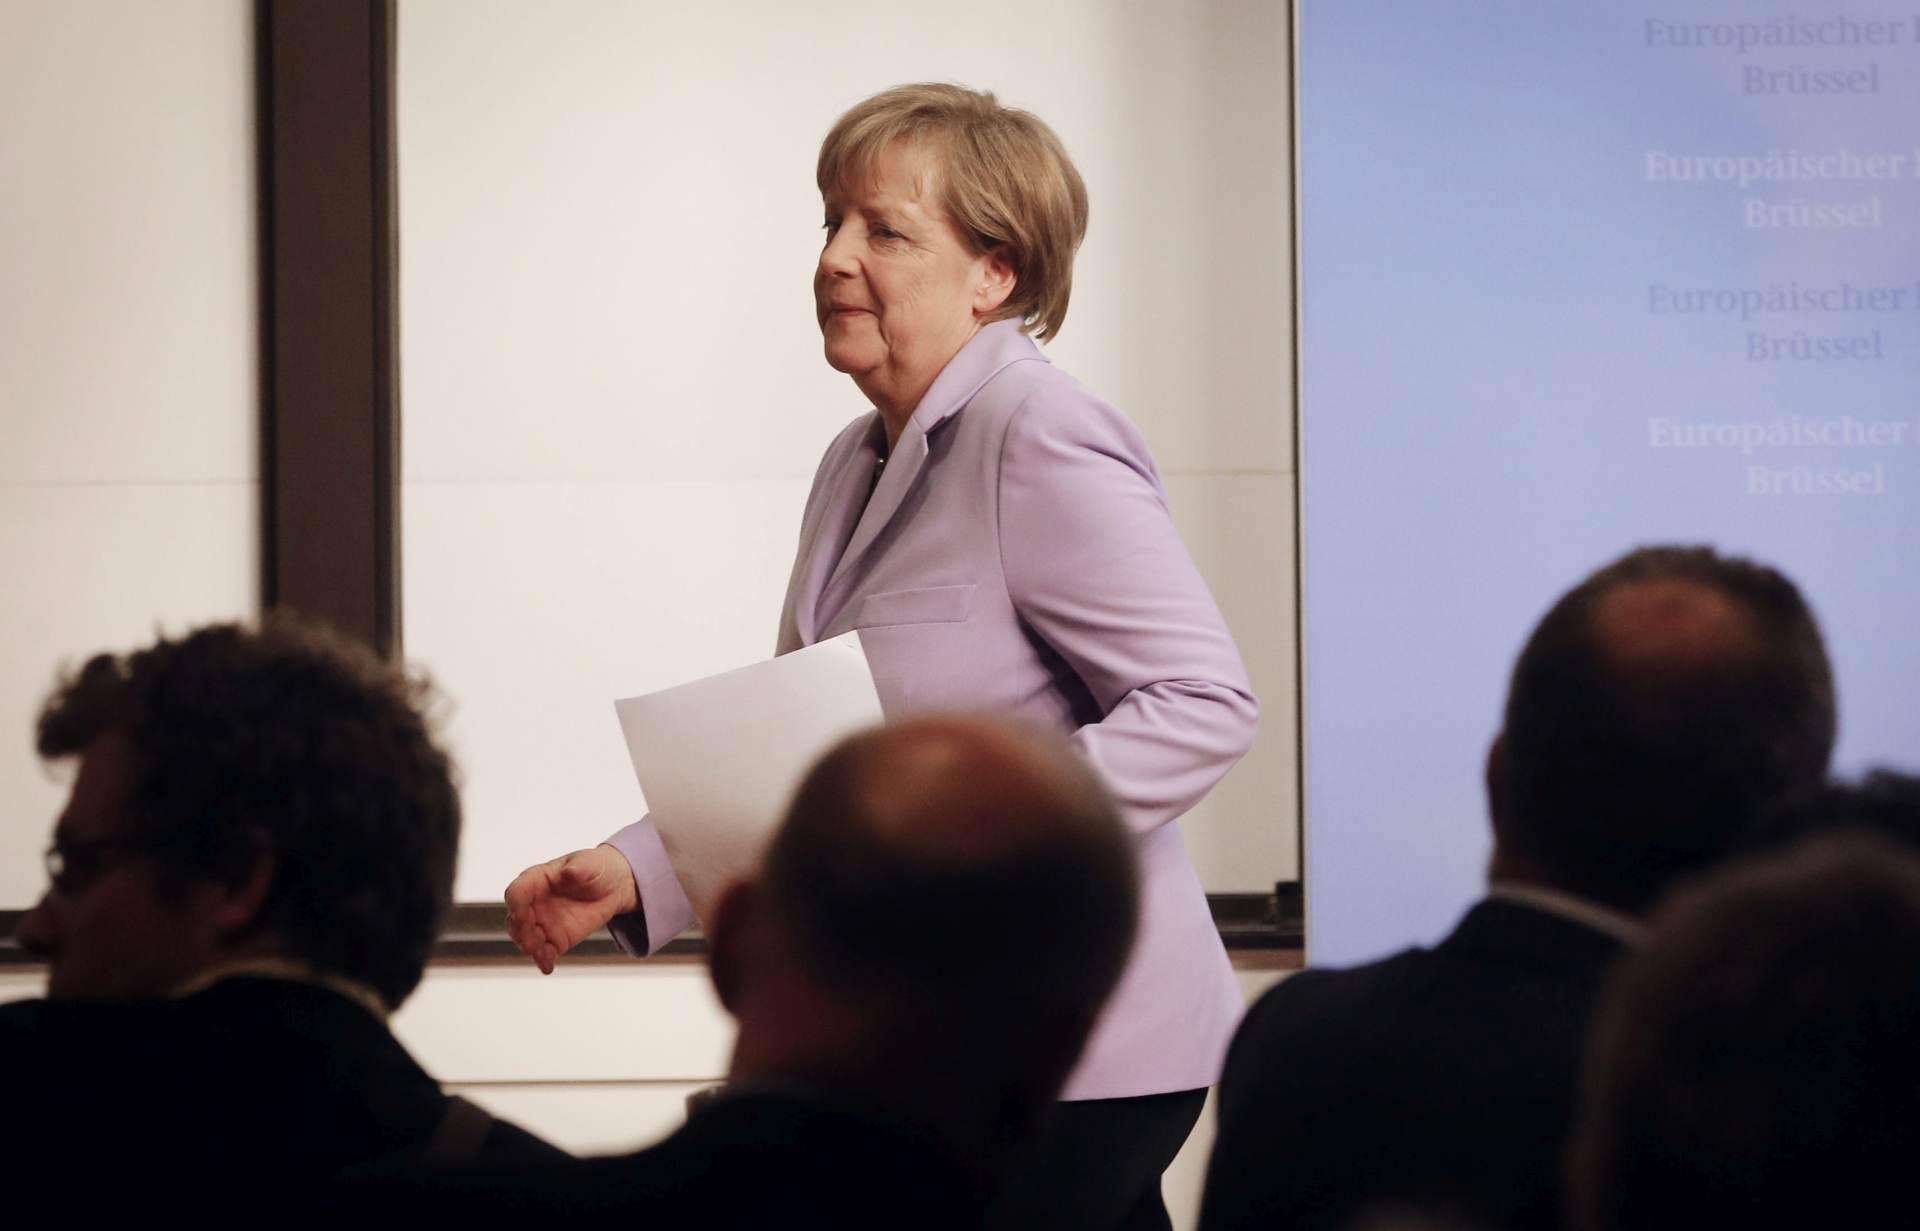 GRČKA KRIZA: Sastanak euroskupine u subotu odlučujući